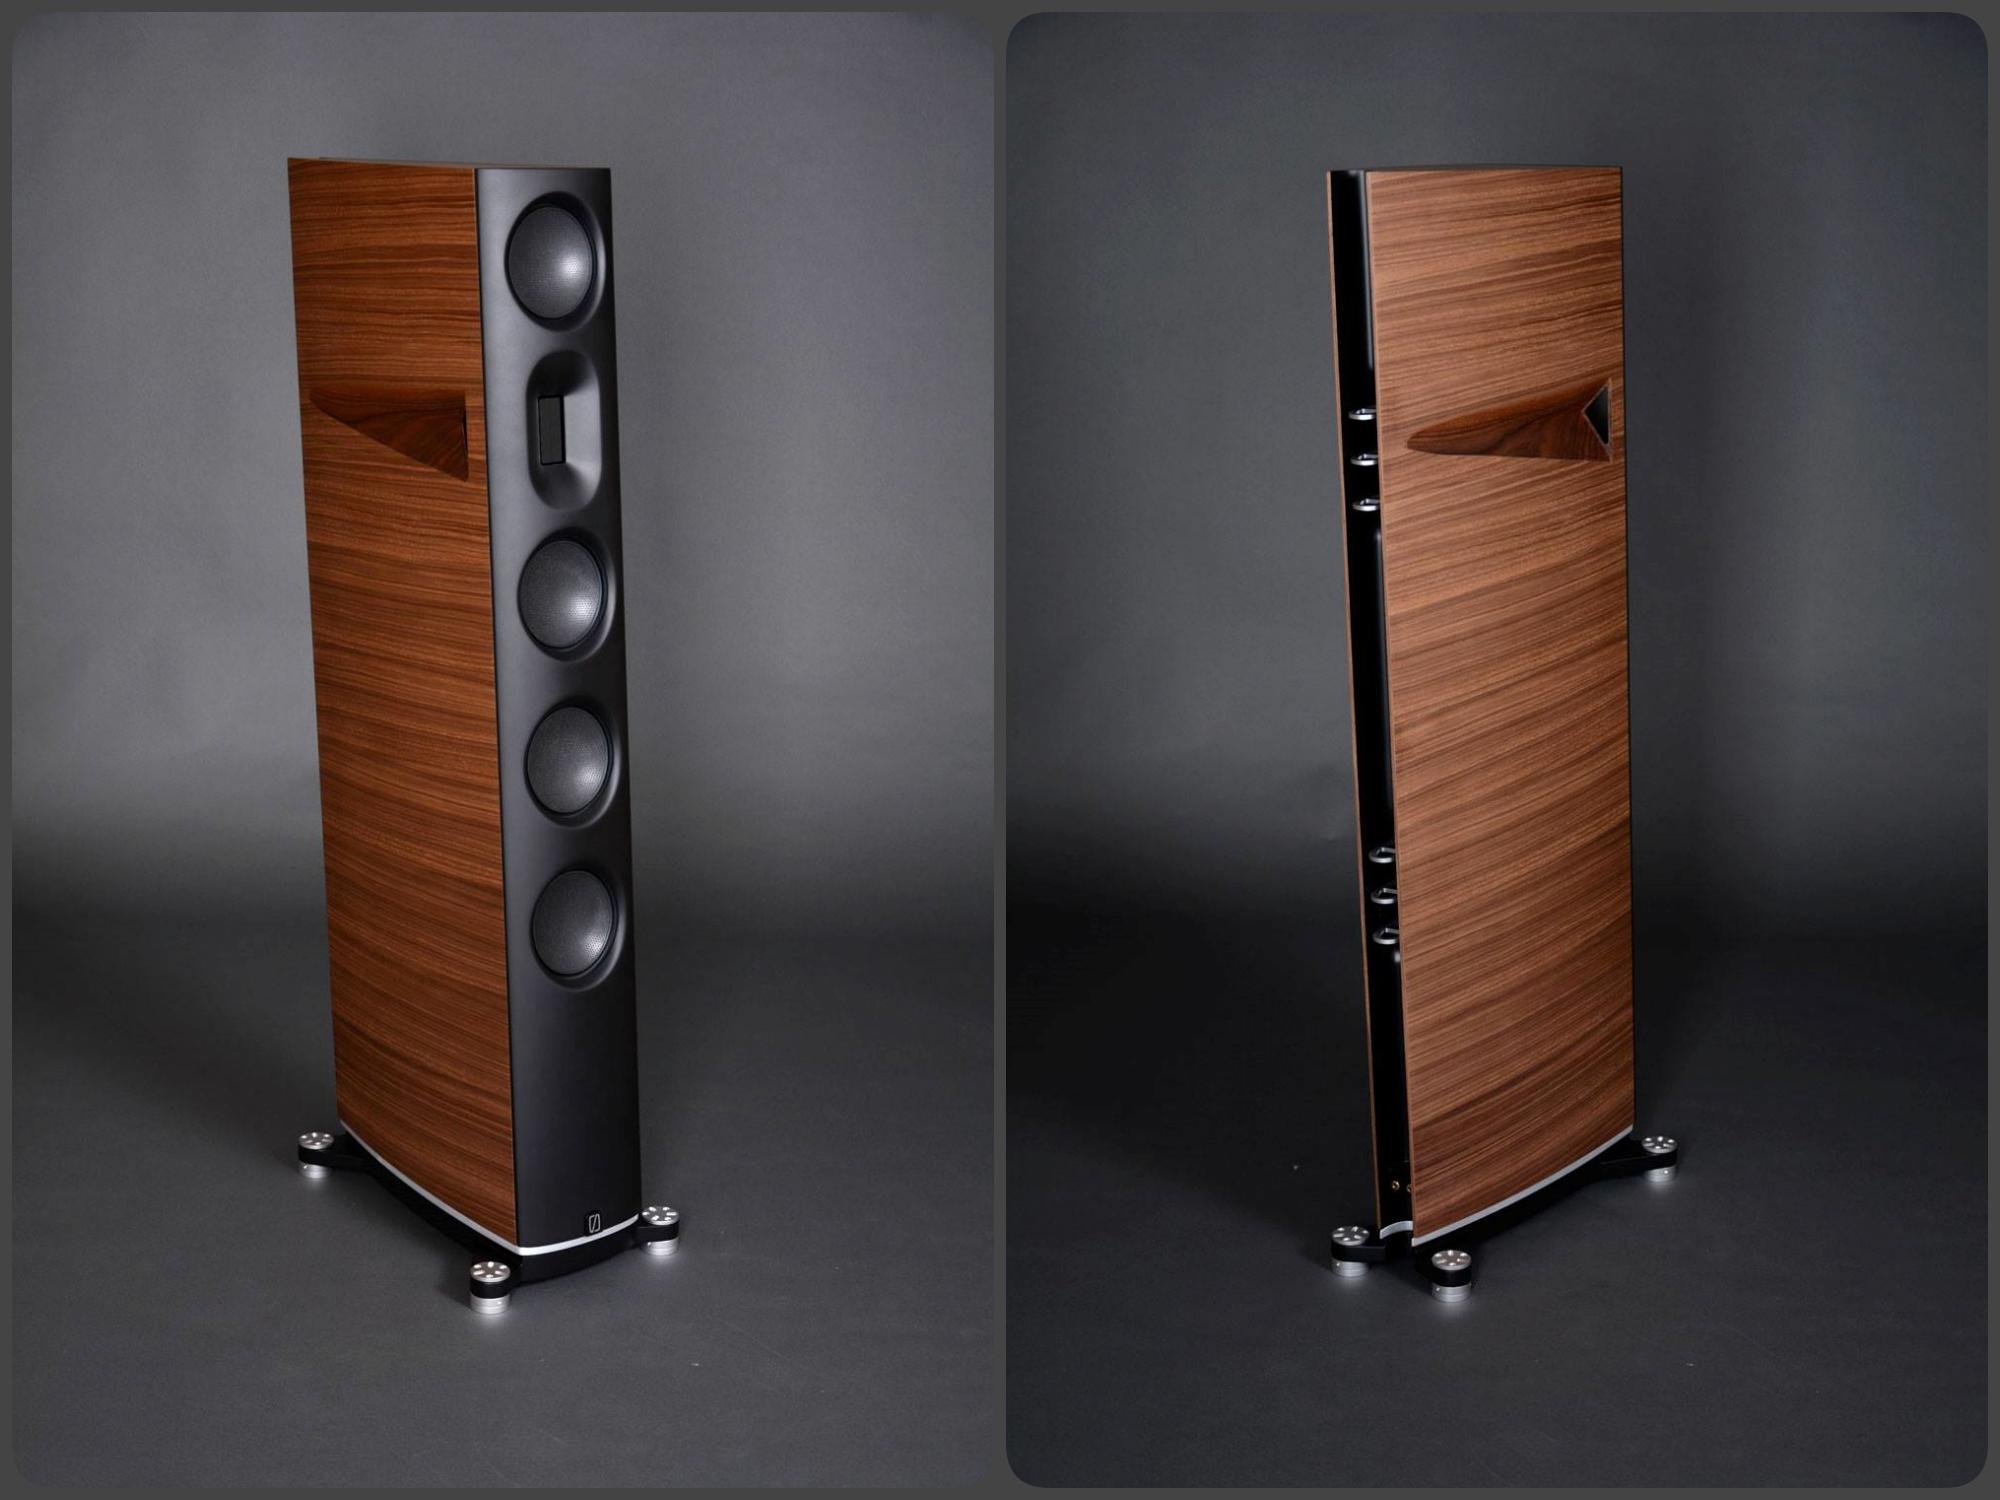 tinhte_Borresen_Acoustics03.jpg